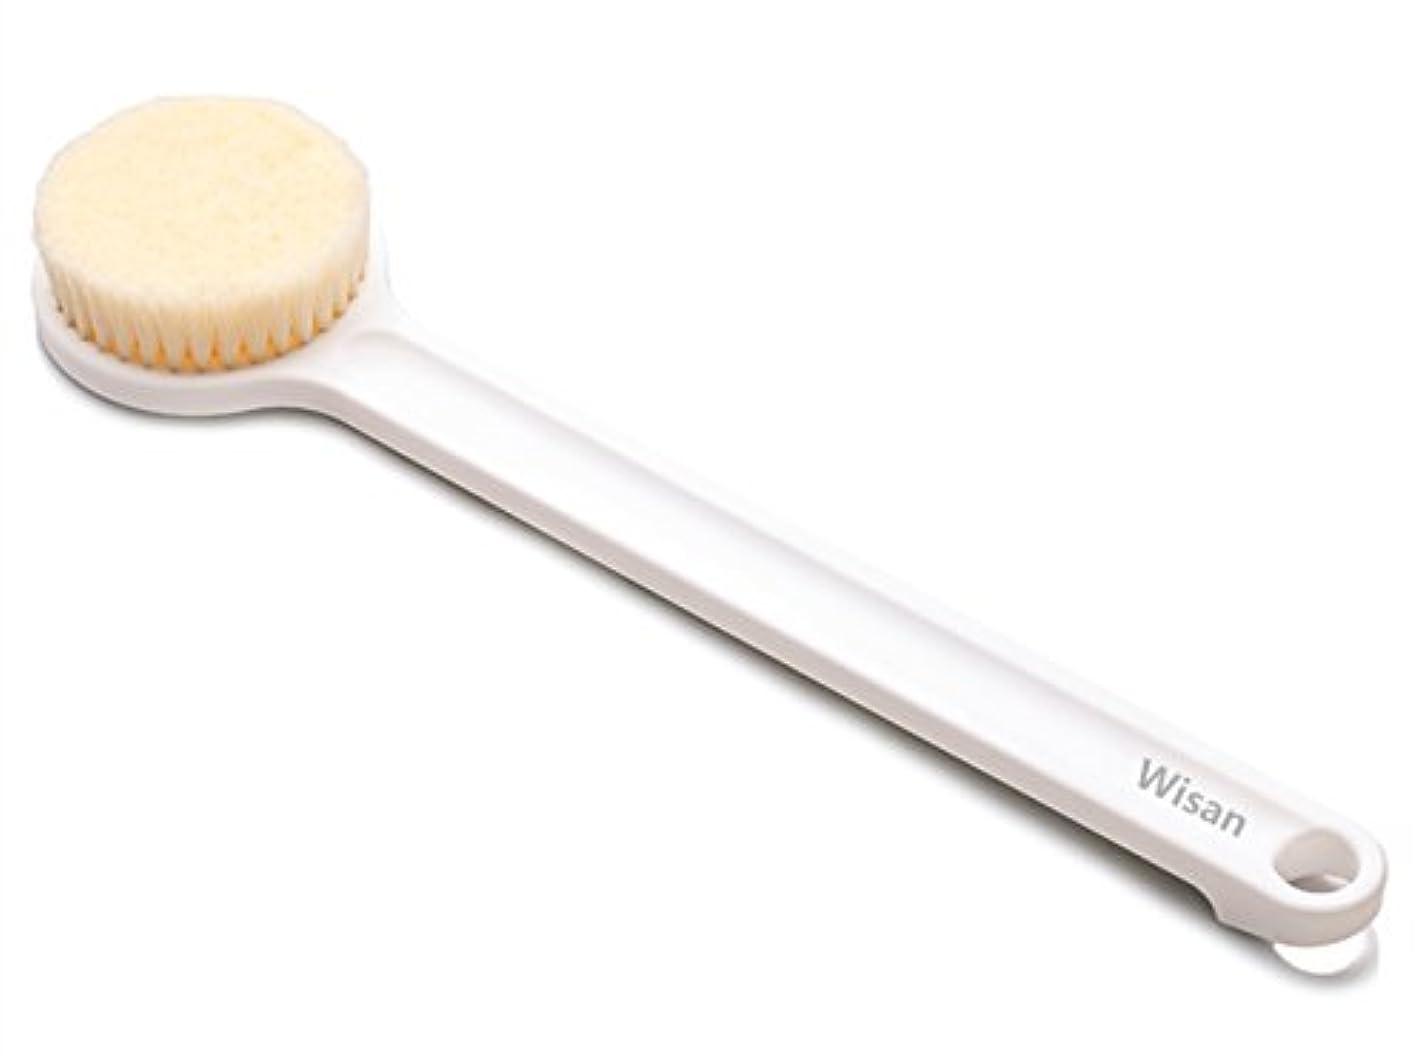 レシピおじいちゃんりんごWisan ボディブラシ ソフトヘアアンチスリップロングハンドル リング付シャワーブラシ (ホワイト) (1個)